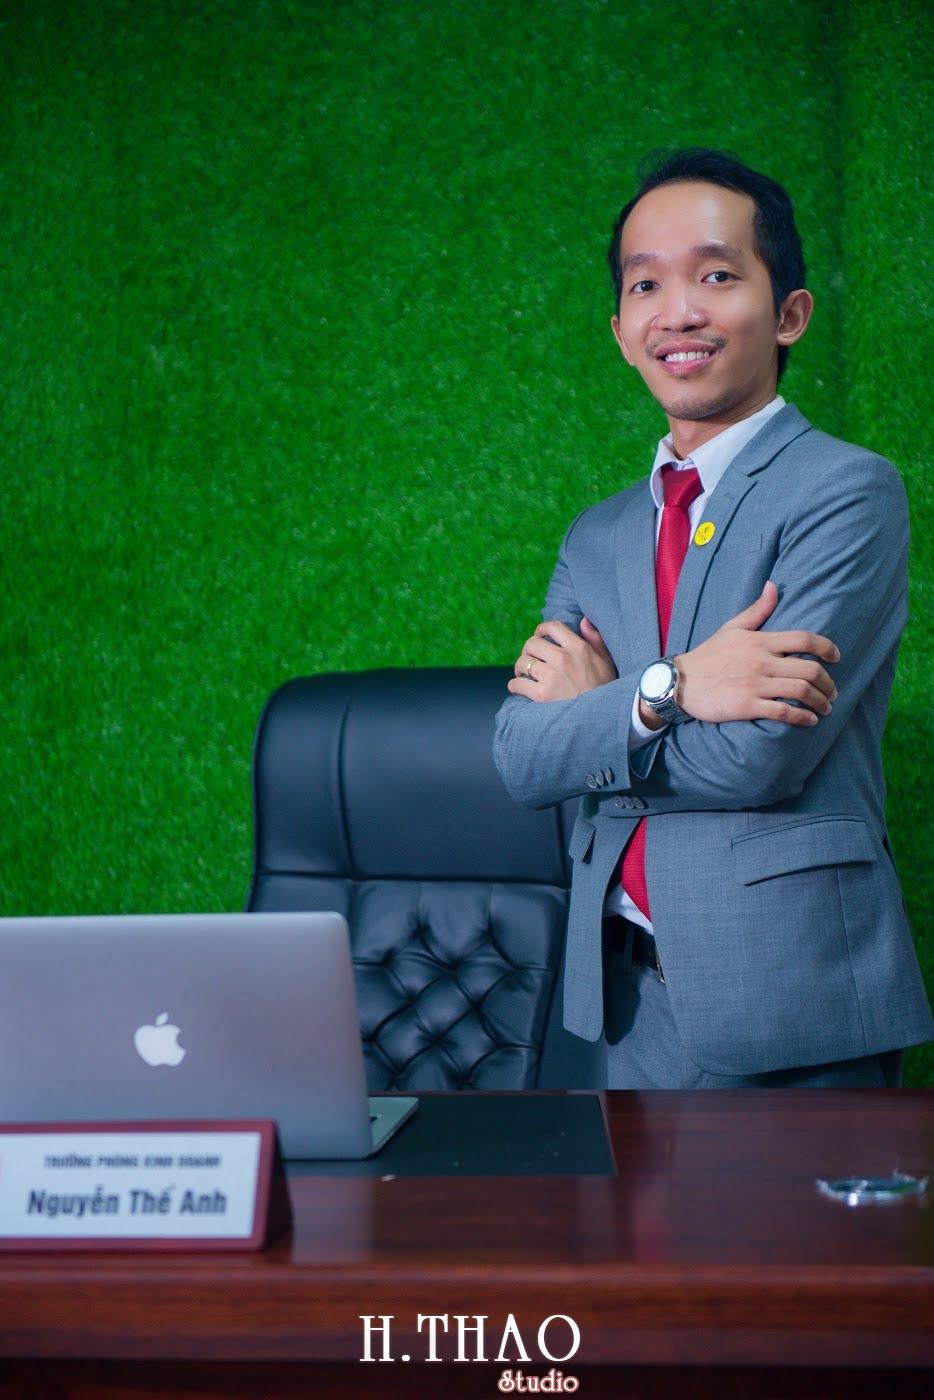 Phu Hung Land 14 - Album ảnh profile nhân sự công ty Phu Hung Land – HThao Studio